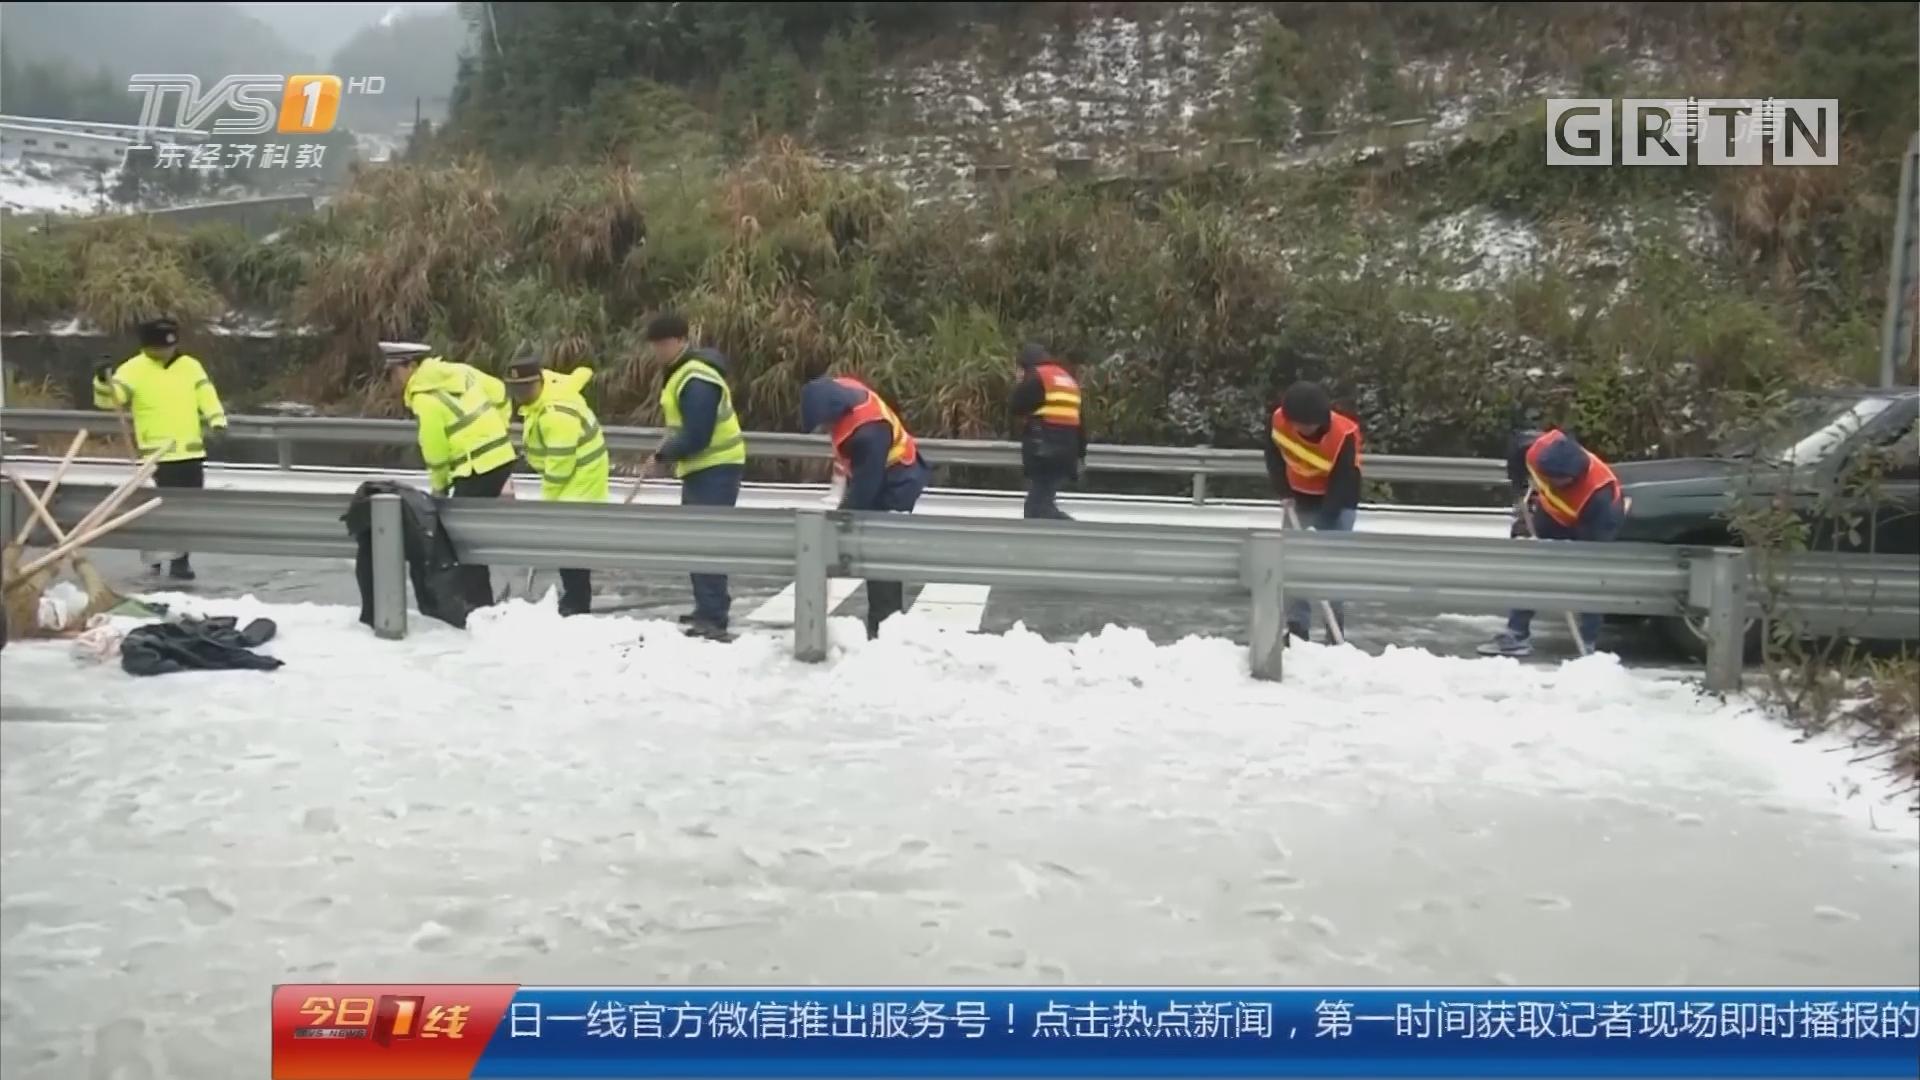 关注寒潮:清远连山 二广高速结冰 抗冰应急机制启动